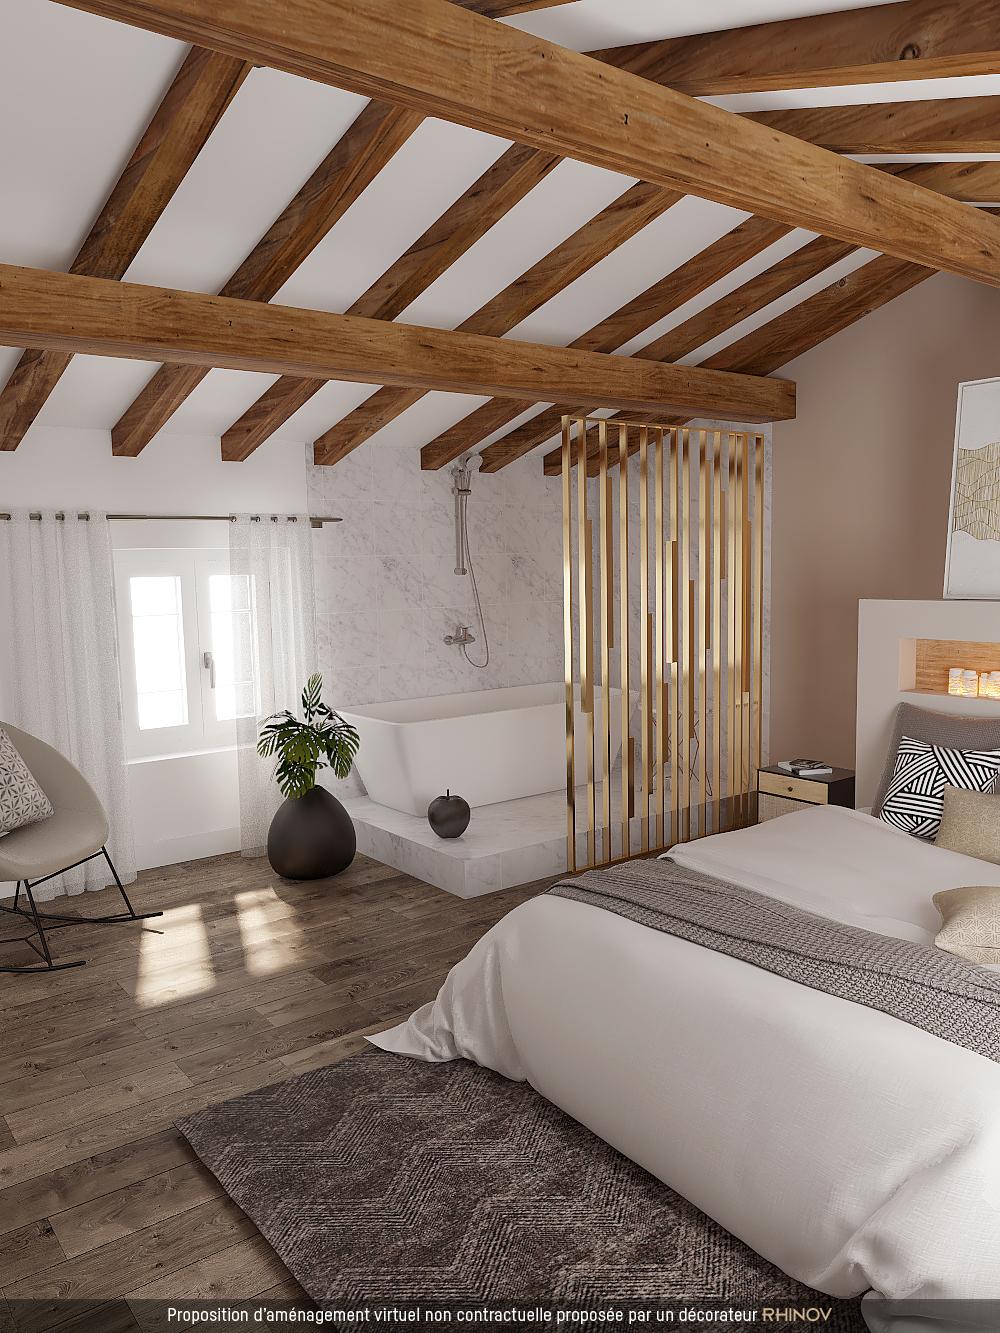 Programme immobilier NEO15 appartement à La Tour Salvagny (69890) Plein centre du village